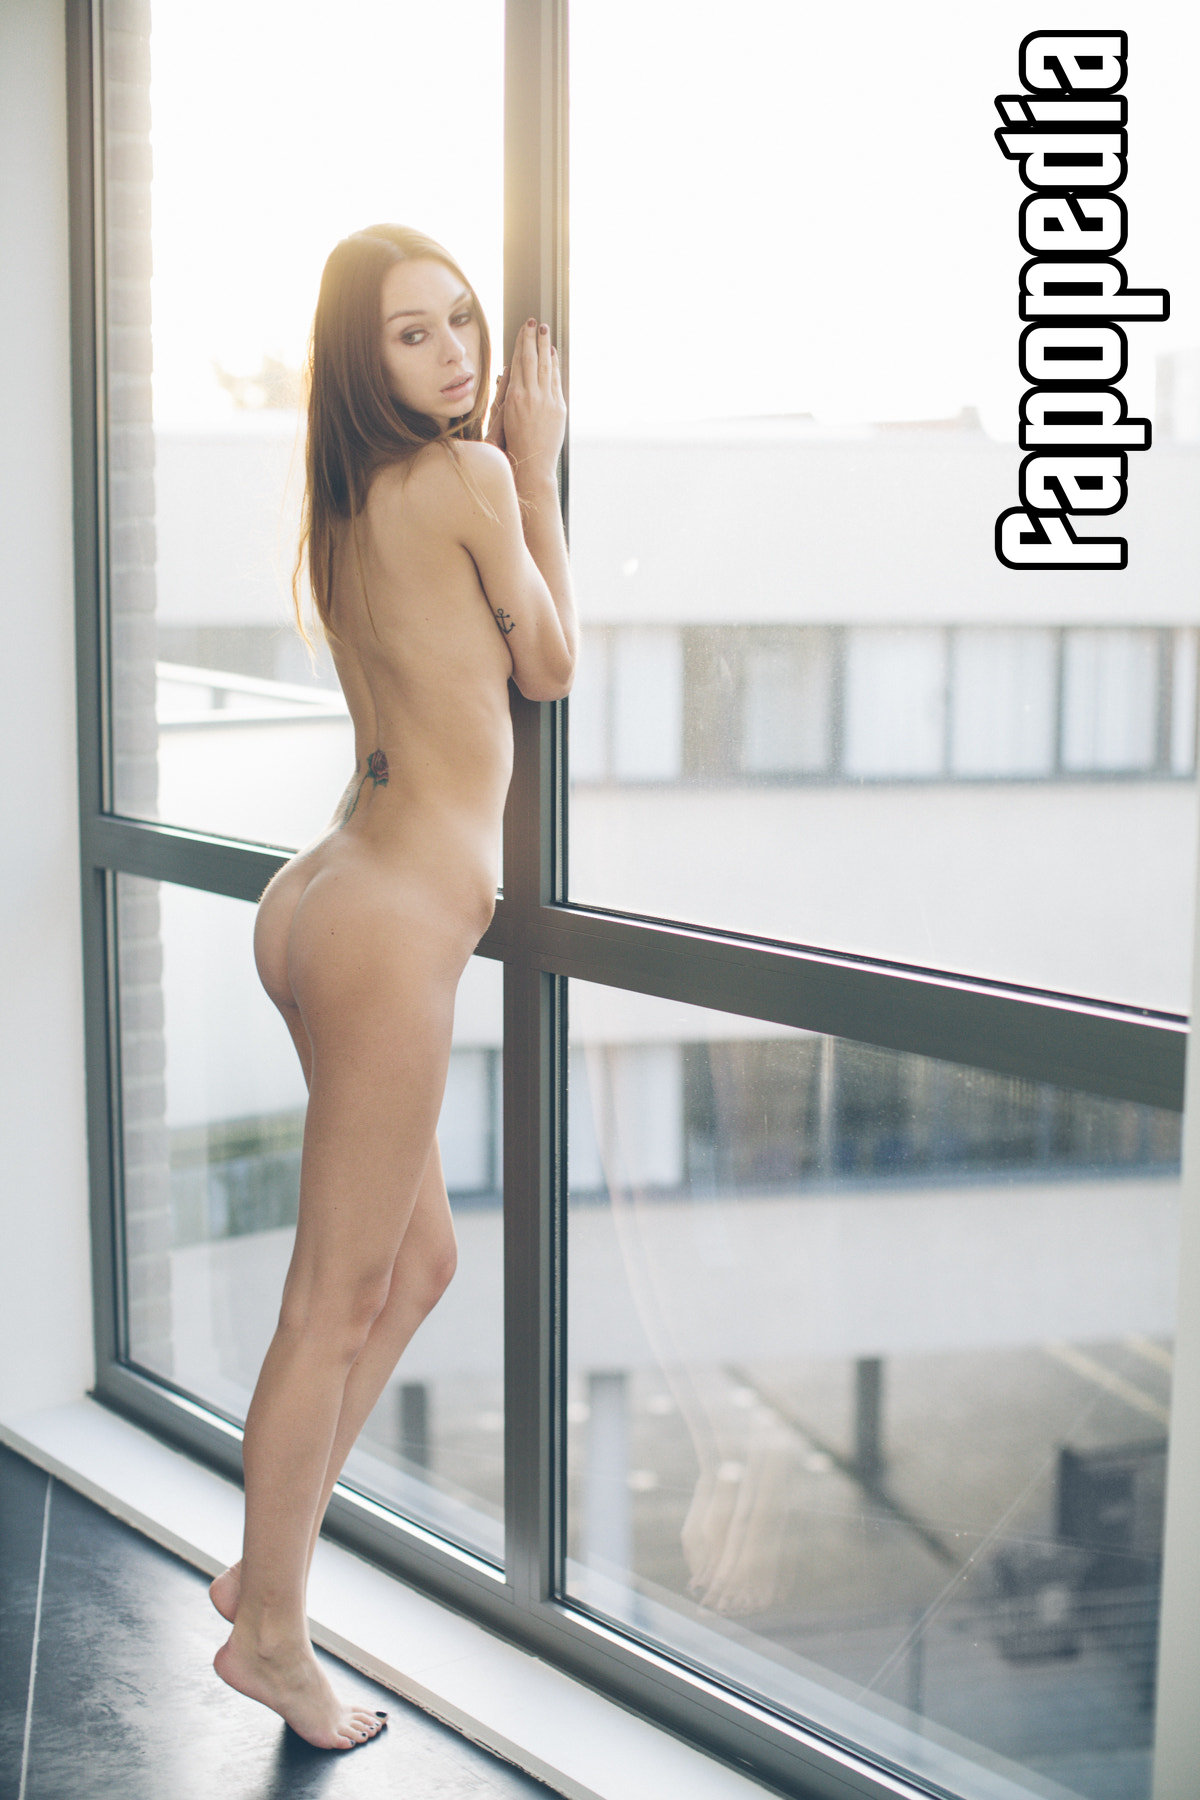 Daisy Olie Nude Leaks